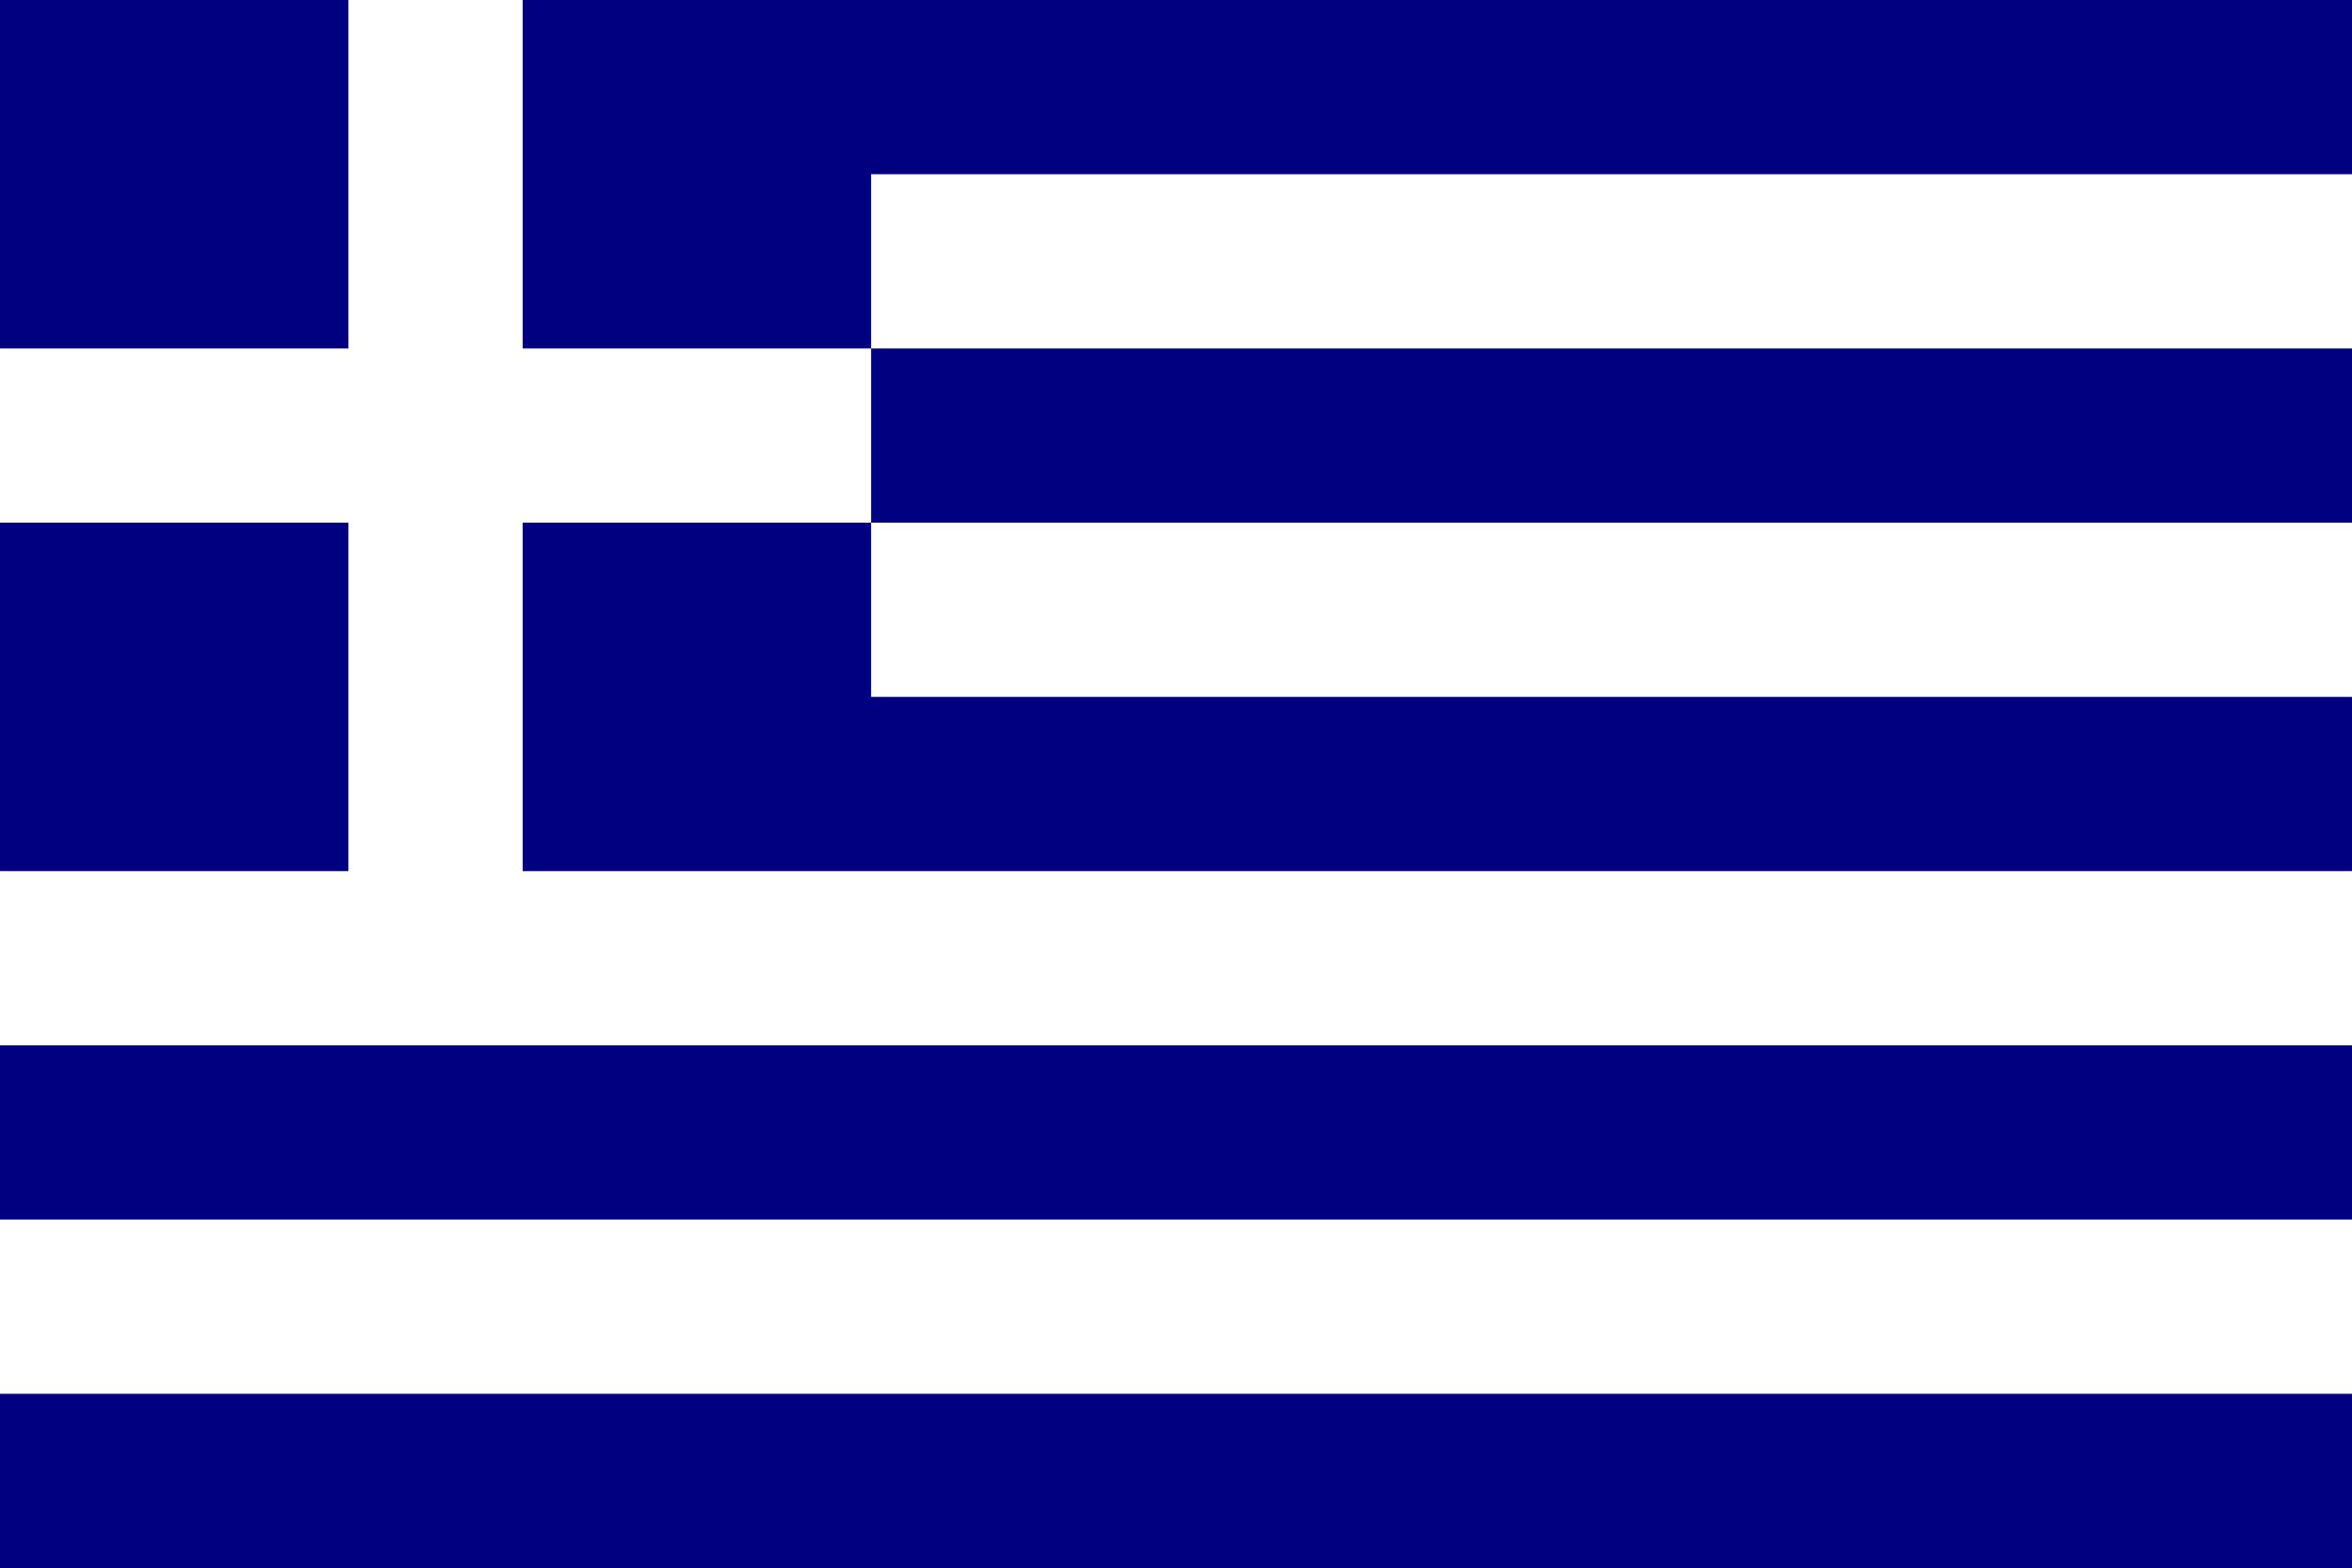 Grécia, país, Brasão de armas, logotipo, símbolo - Papéis de parede HD - Professor-falken.com